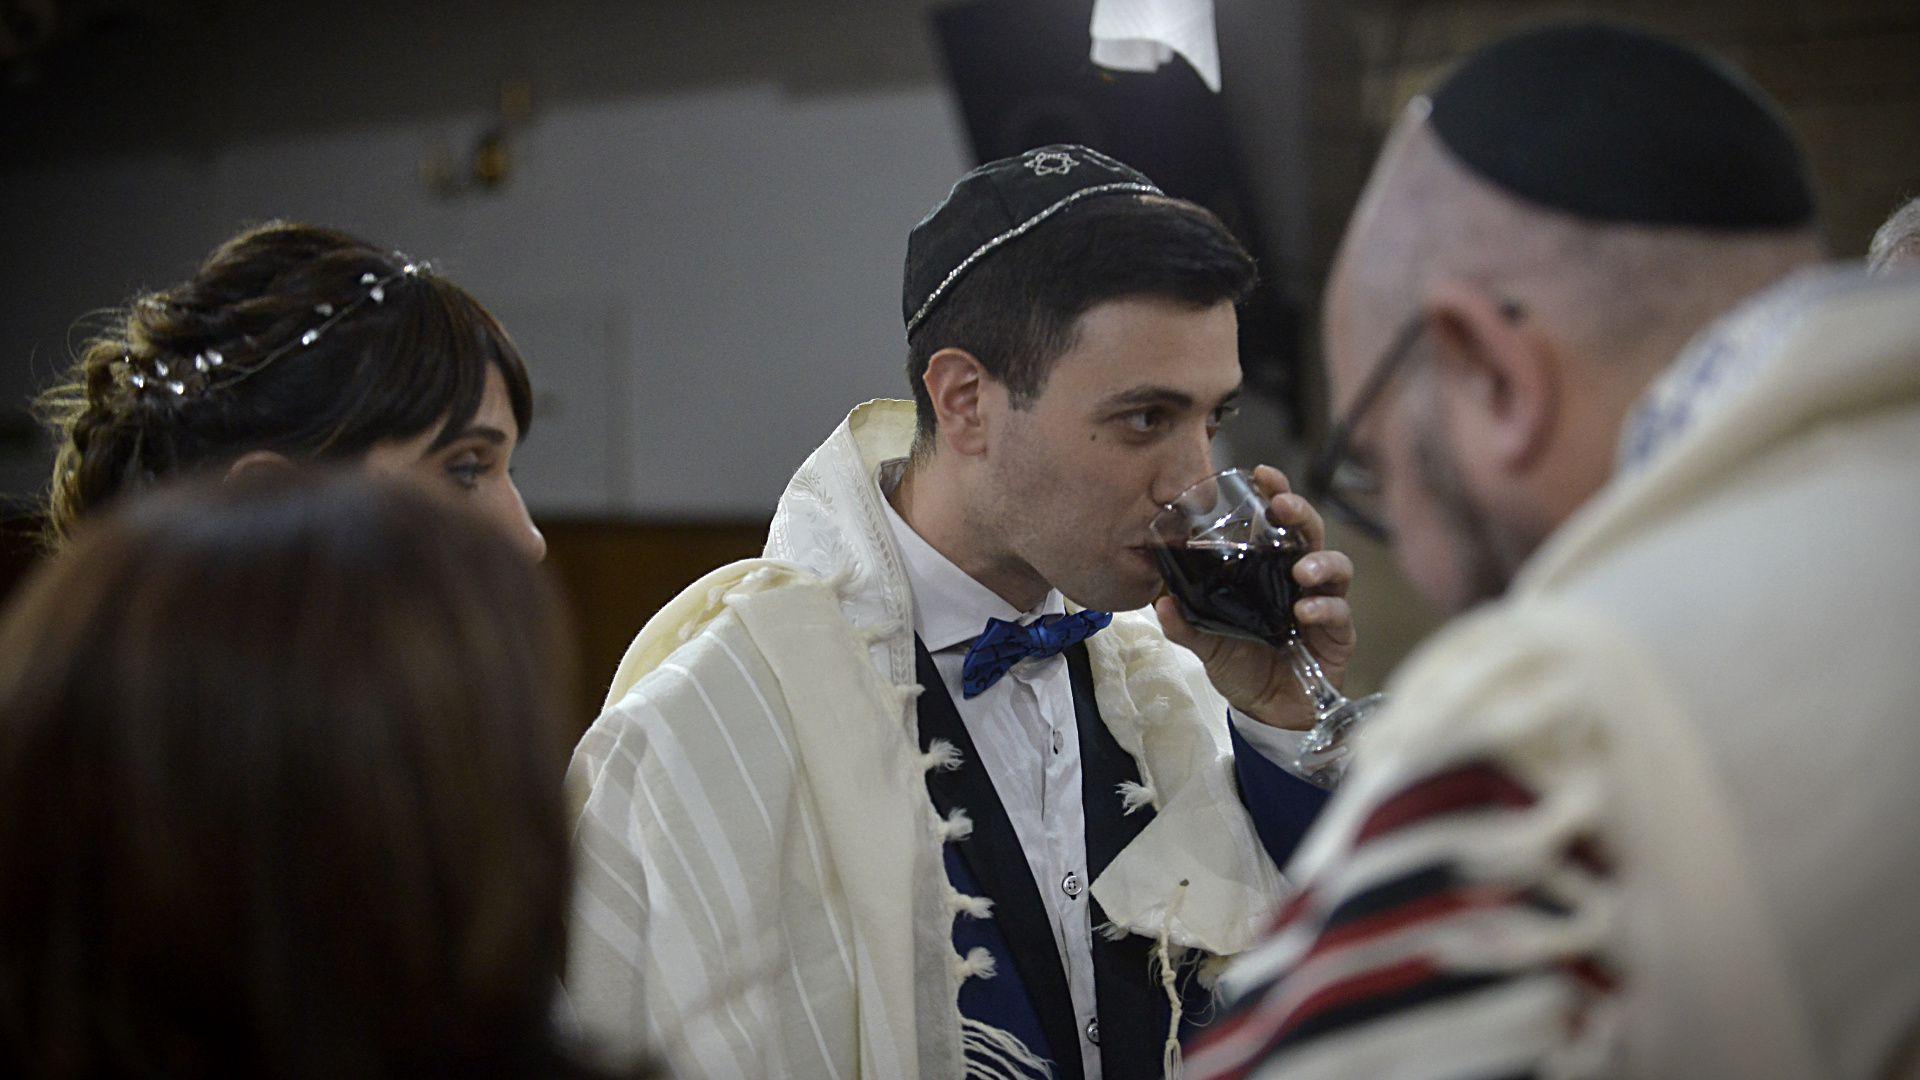 La primera copa acompaña la bendición del compromiso, y después de que esta es recitada, la pareja bebe el vino